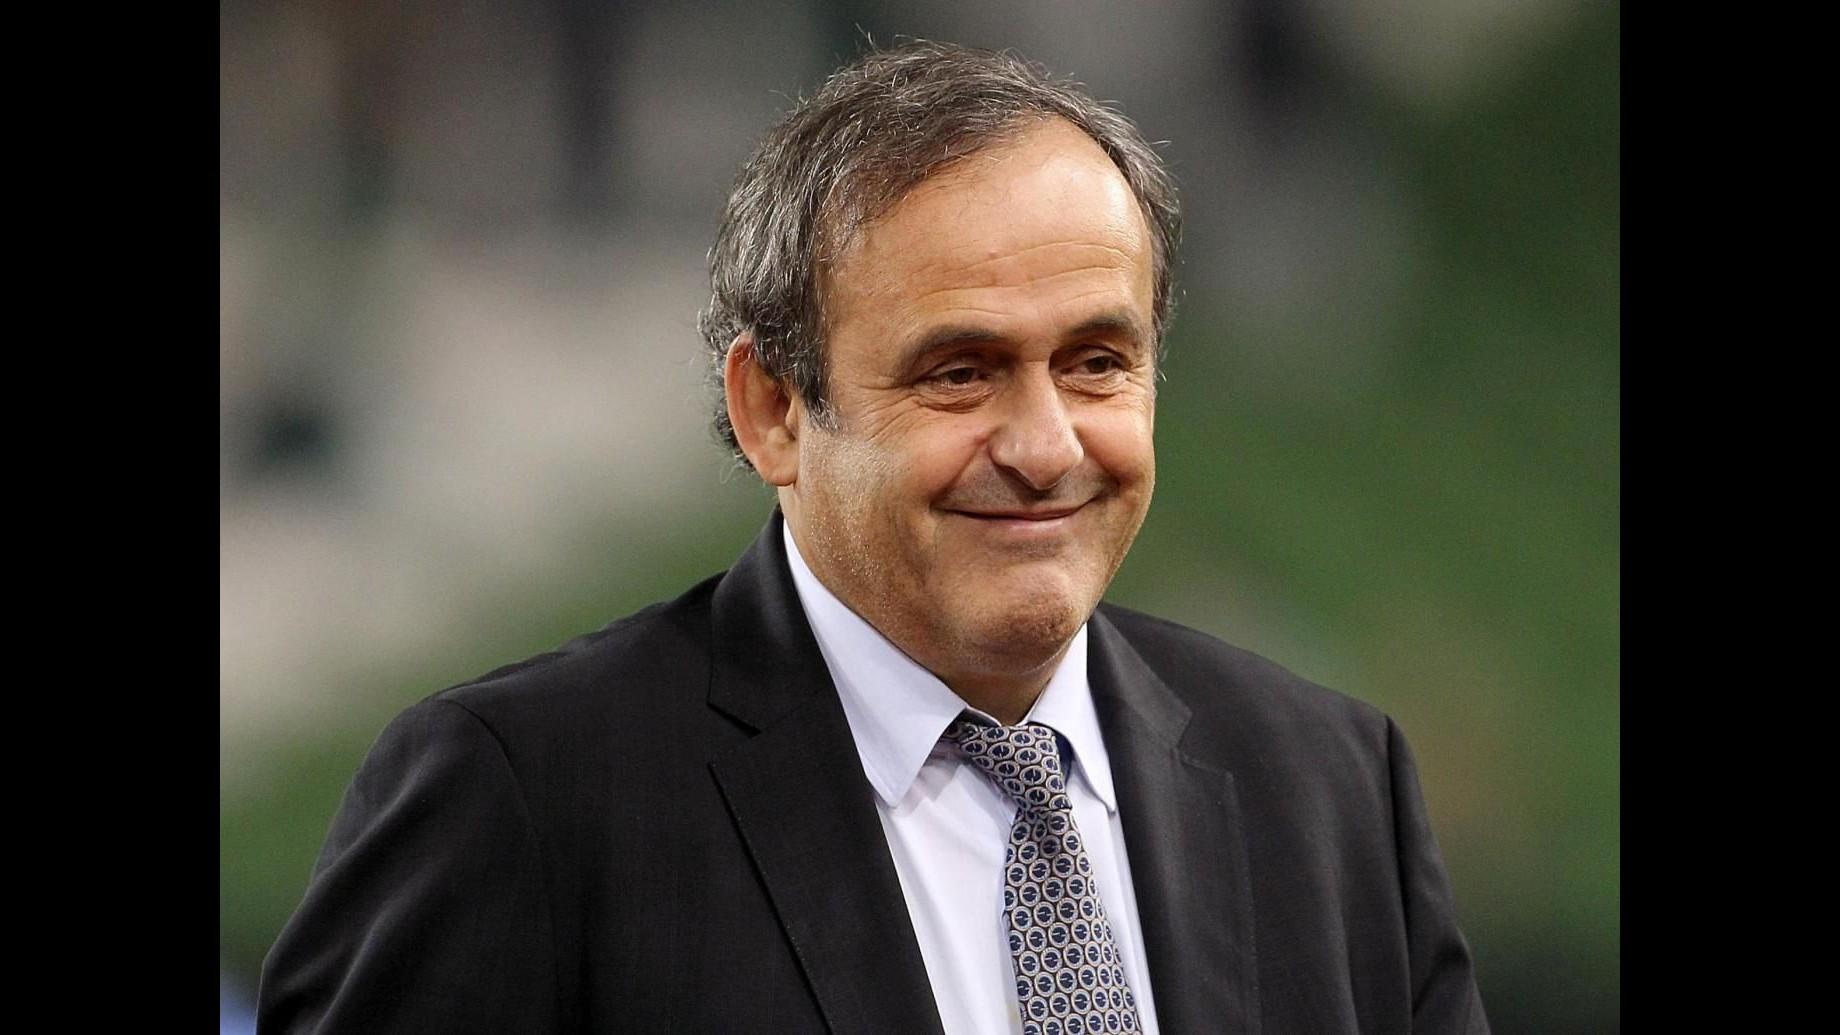 Caso Fifa, Platini: Decisione Comitato etico è una presa in giro